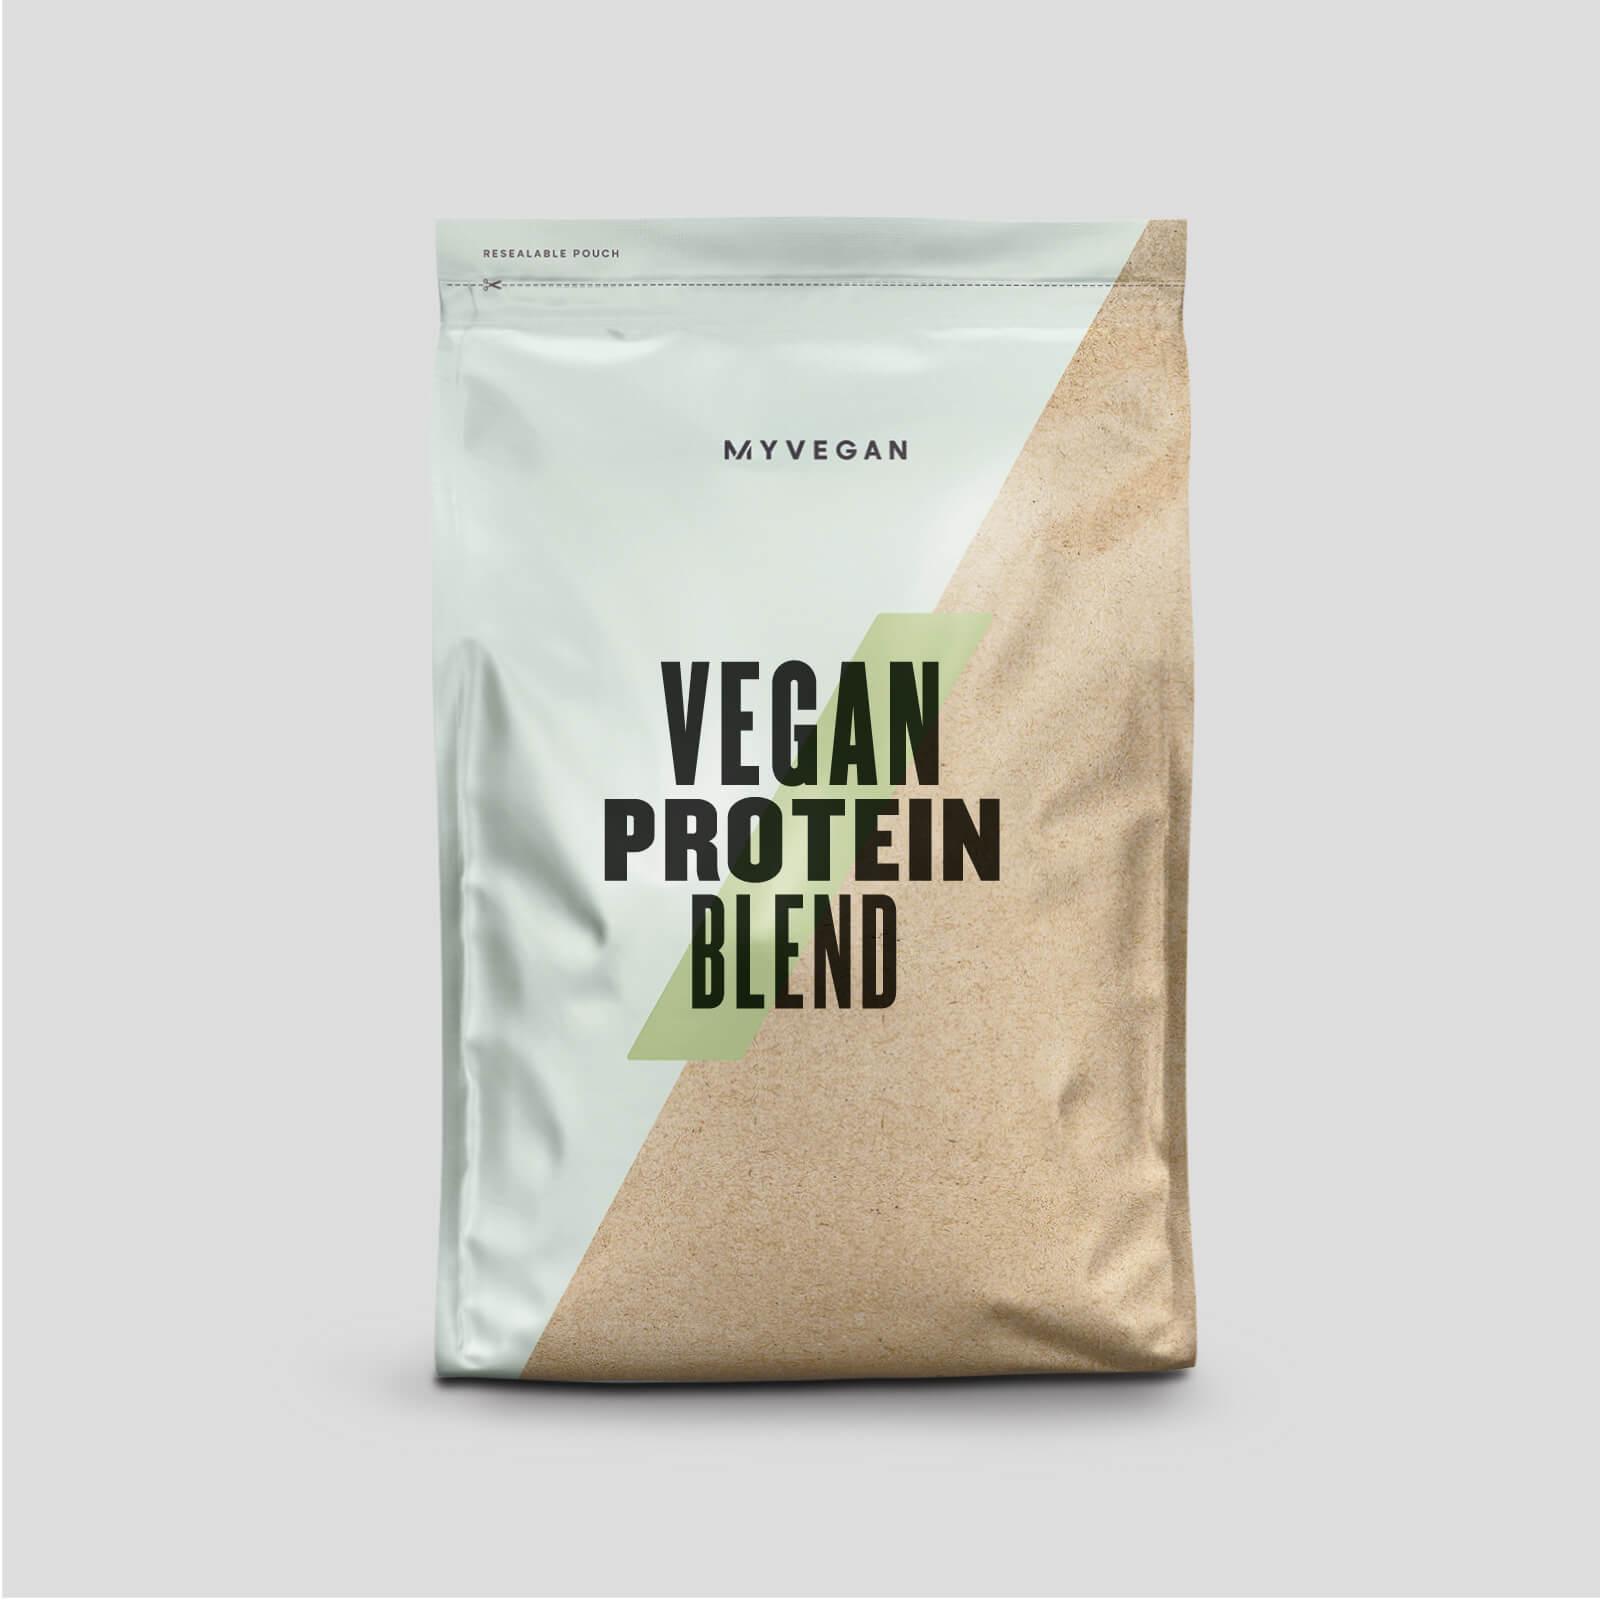 Myvegan Mezcla de Proteína Vegana - 1kg - Cafe y Nueces